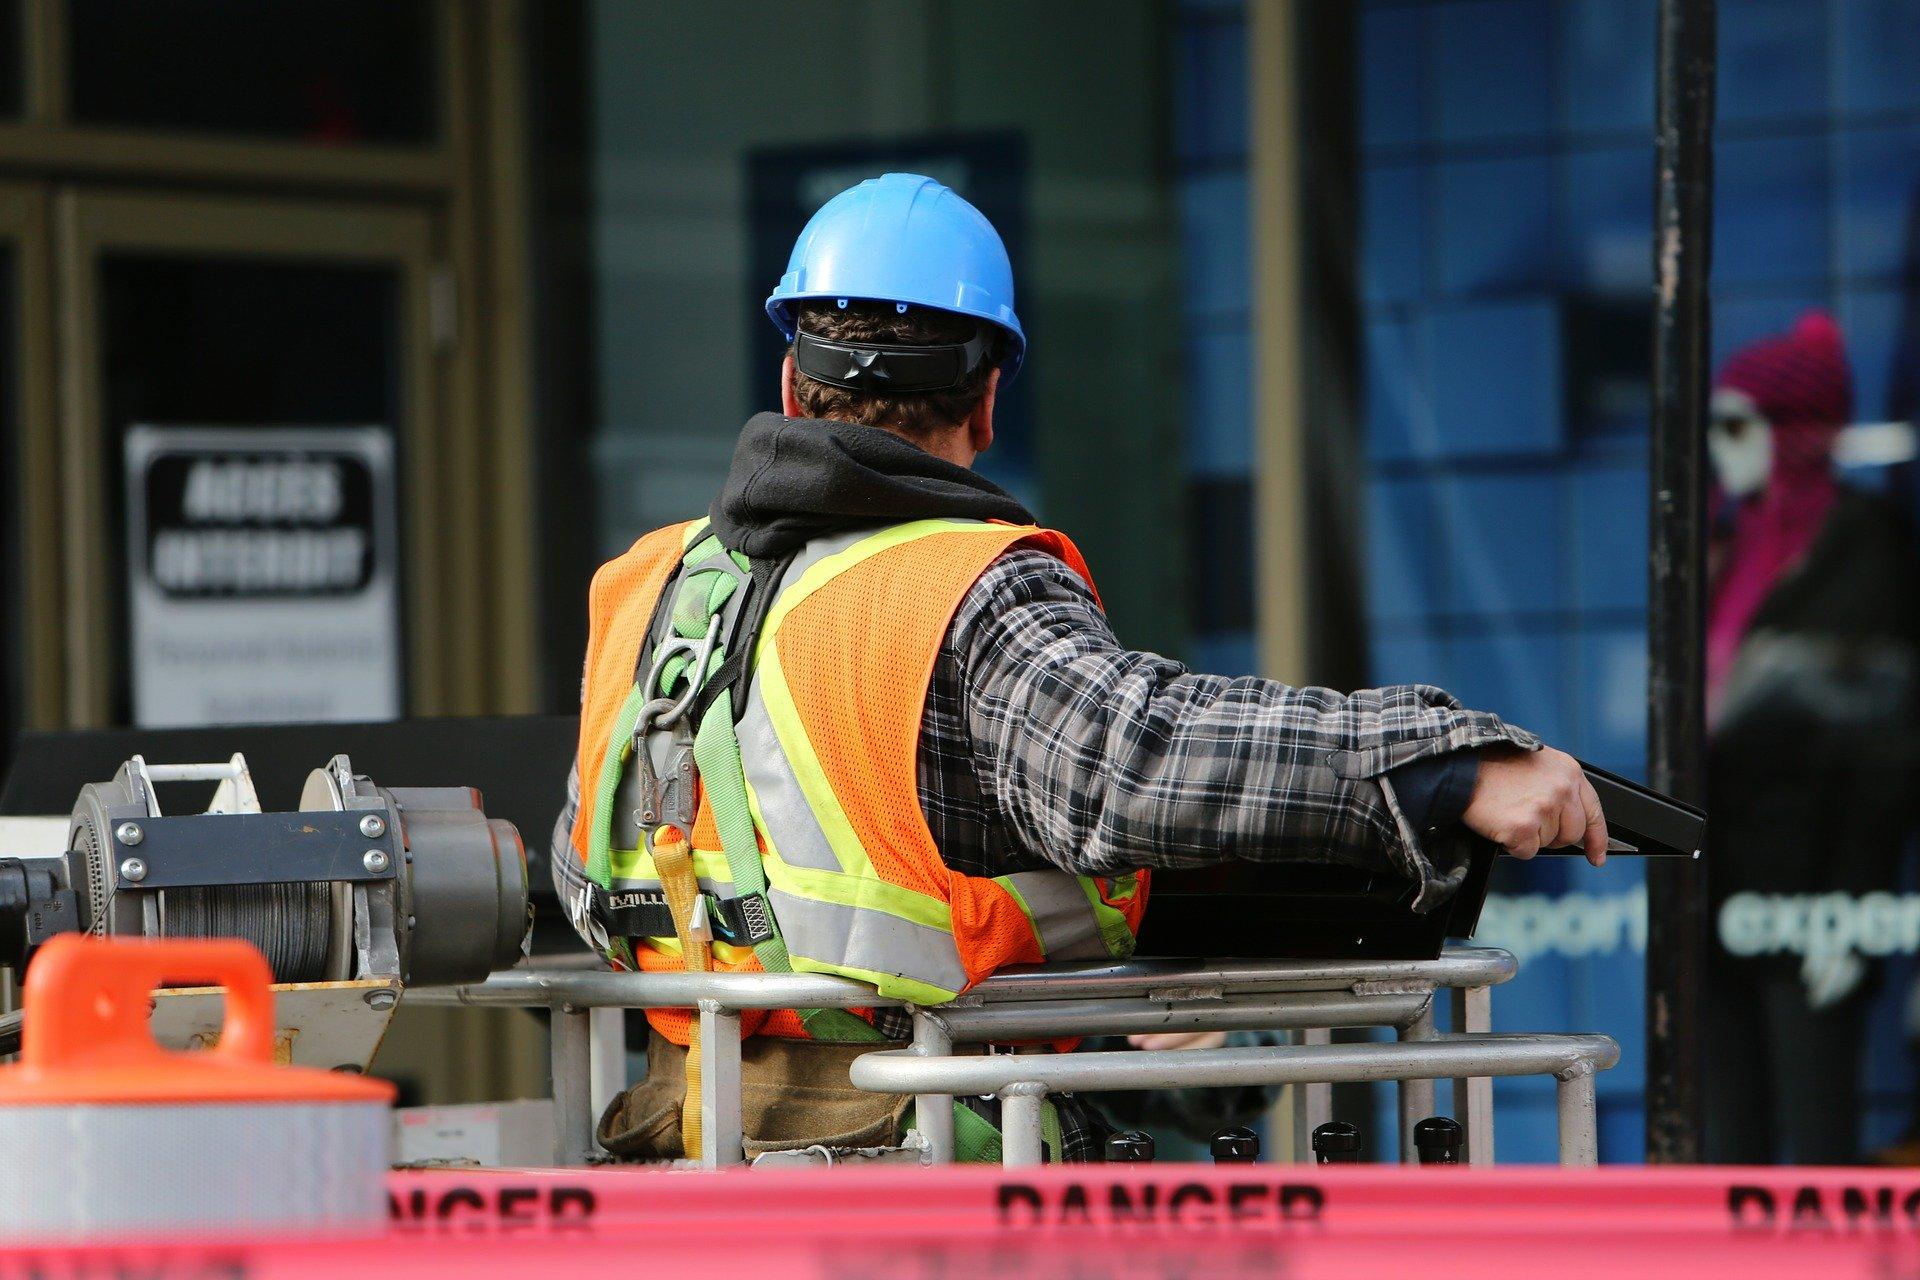 Cursos de Prevención y Protección de Riesgos Laborales